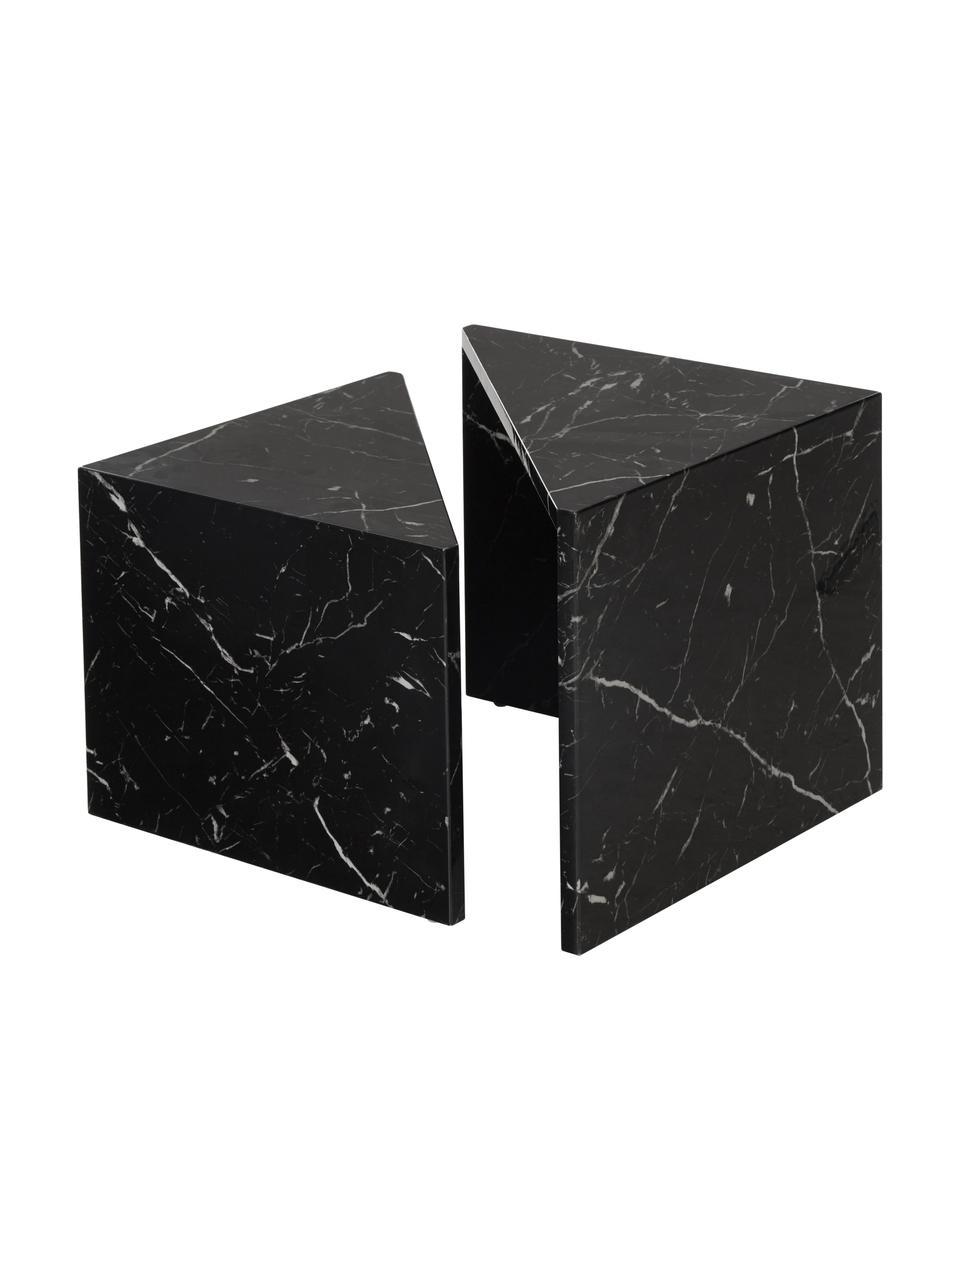 Komplet stolików kawowych z imitacją marmuru Vilma, 2 elem., Płyta pilśniowa średniej gęstości (MDF) pokryta lakierem z wzorem marmurowym, Czarny, wzór marmurowy, błyszczący, Komplet z różnymi rozmiarami